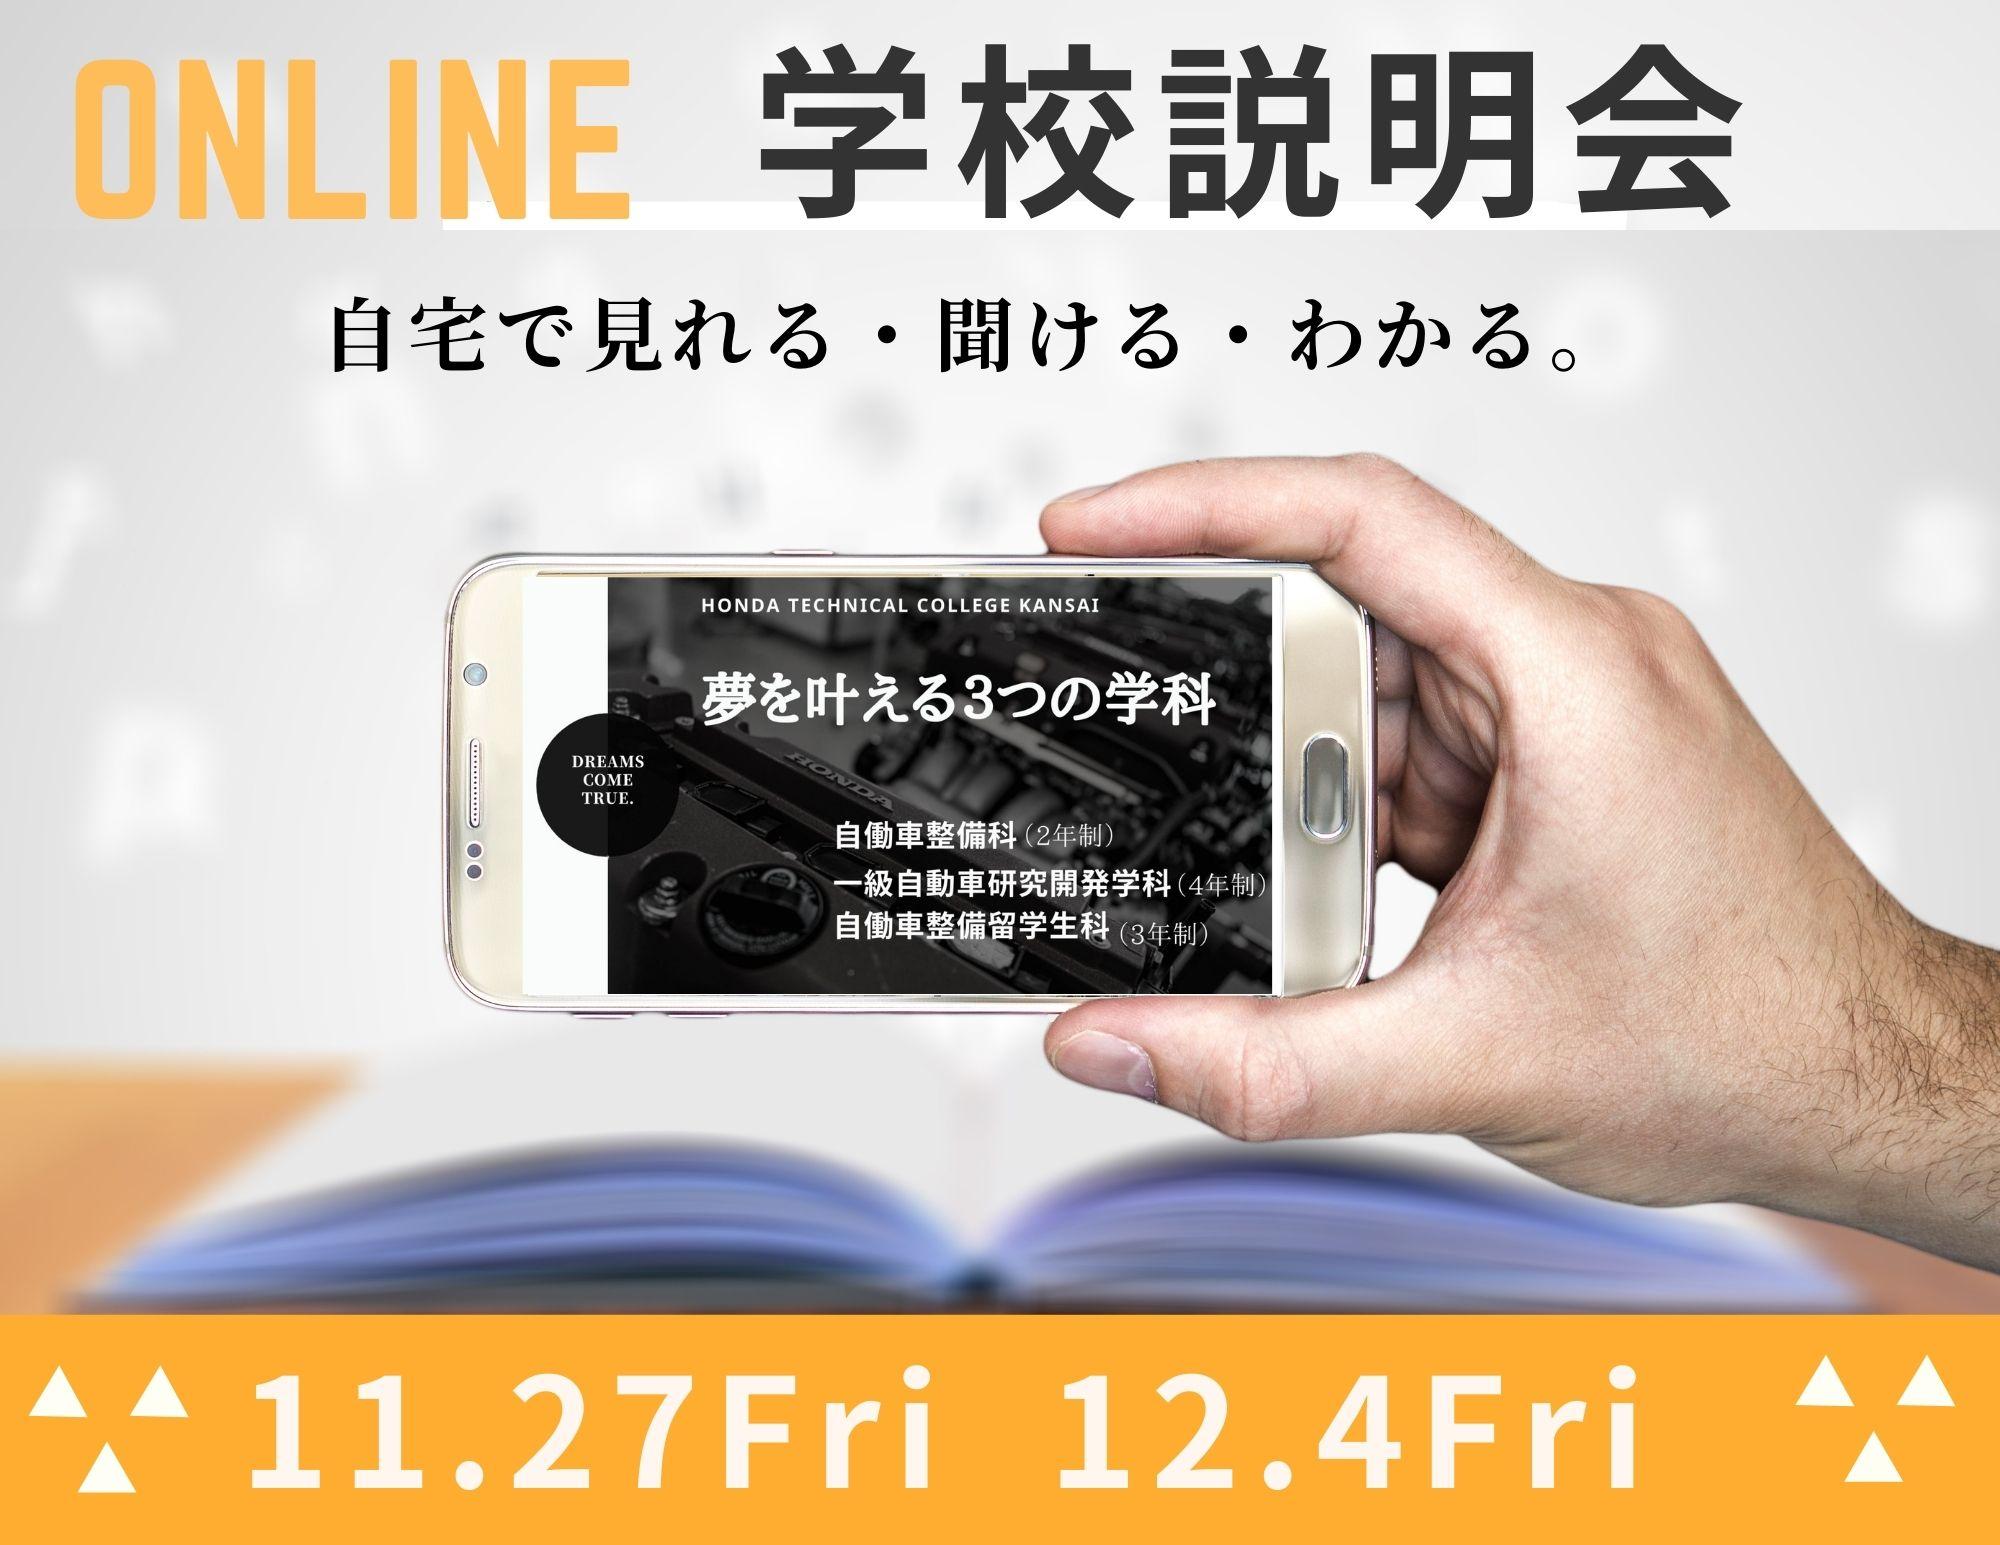 【オンライン学校説明会】自宅にいながらオープンキャンパスに参加!